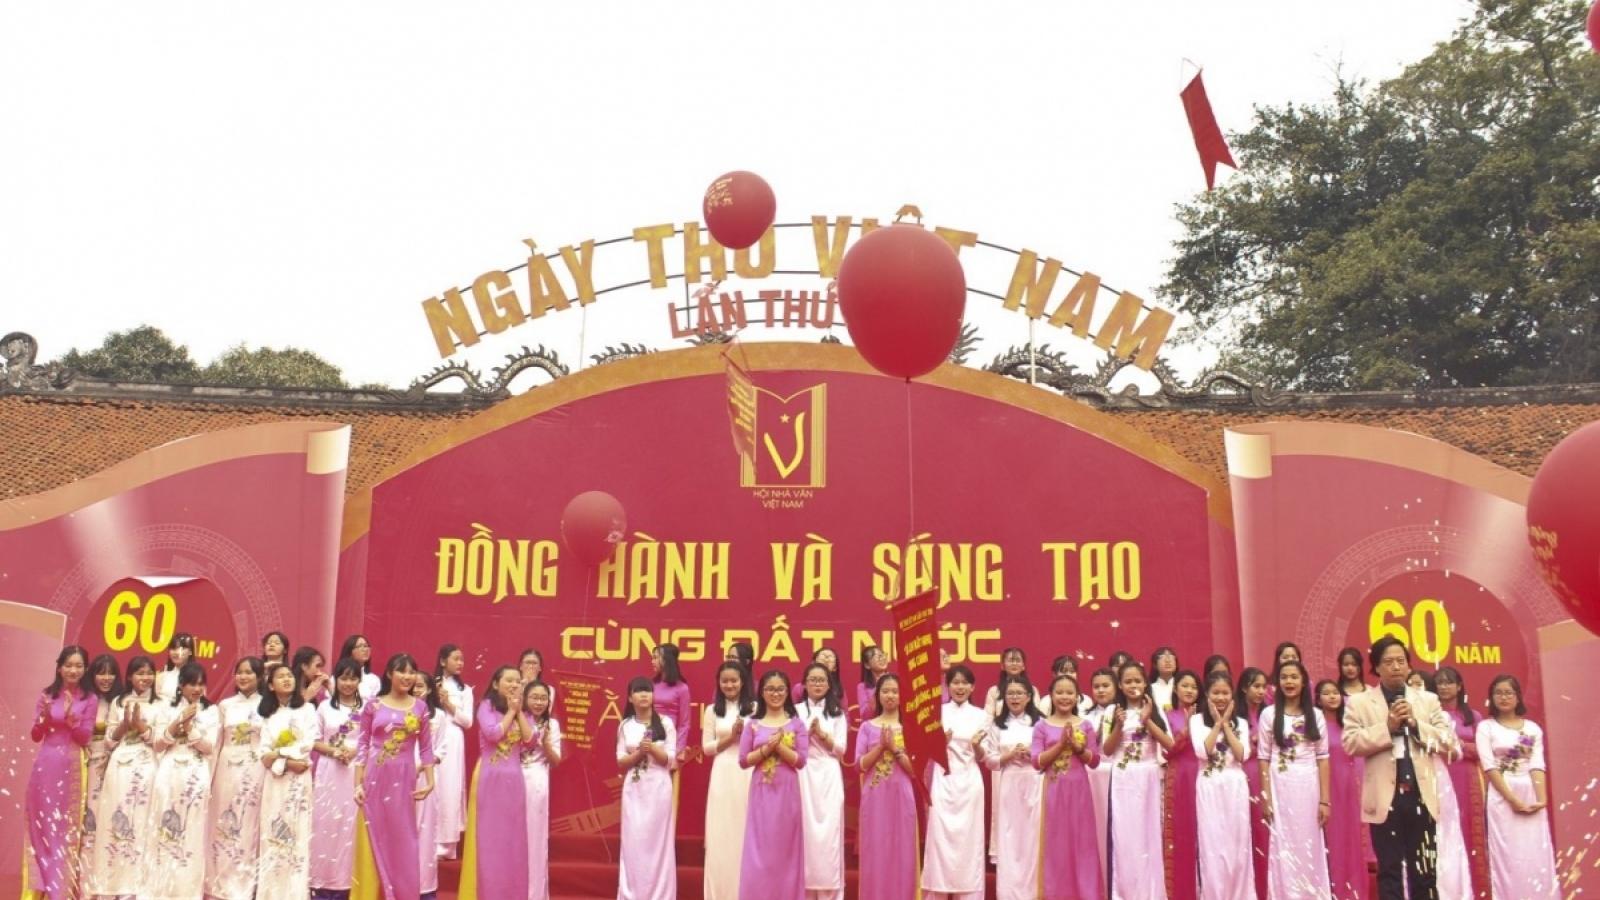 """Lan toả tinh thần """"Ngày thơ Việt Nam"""" trên mạng xã hội"""